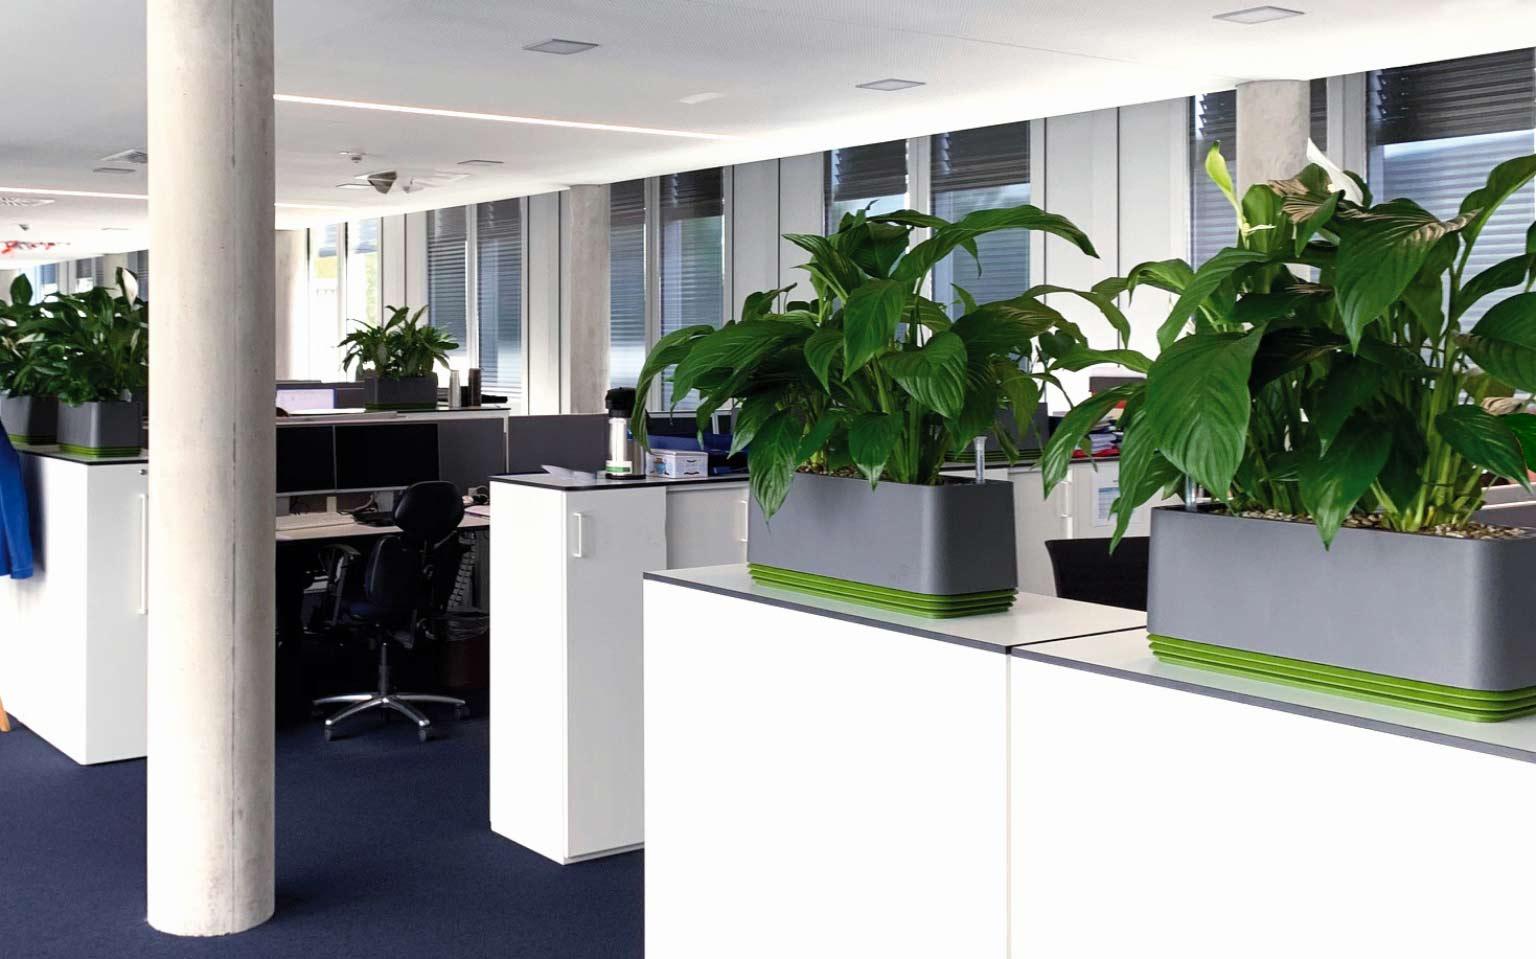 Begrünung für eine gesunde Büroluft